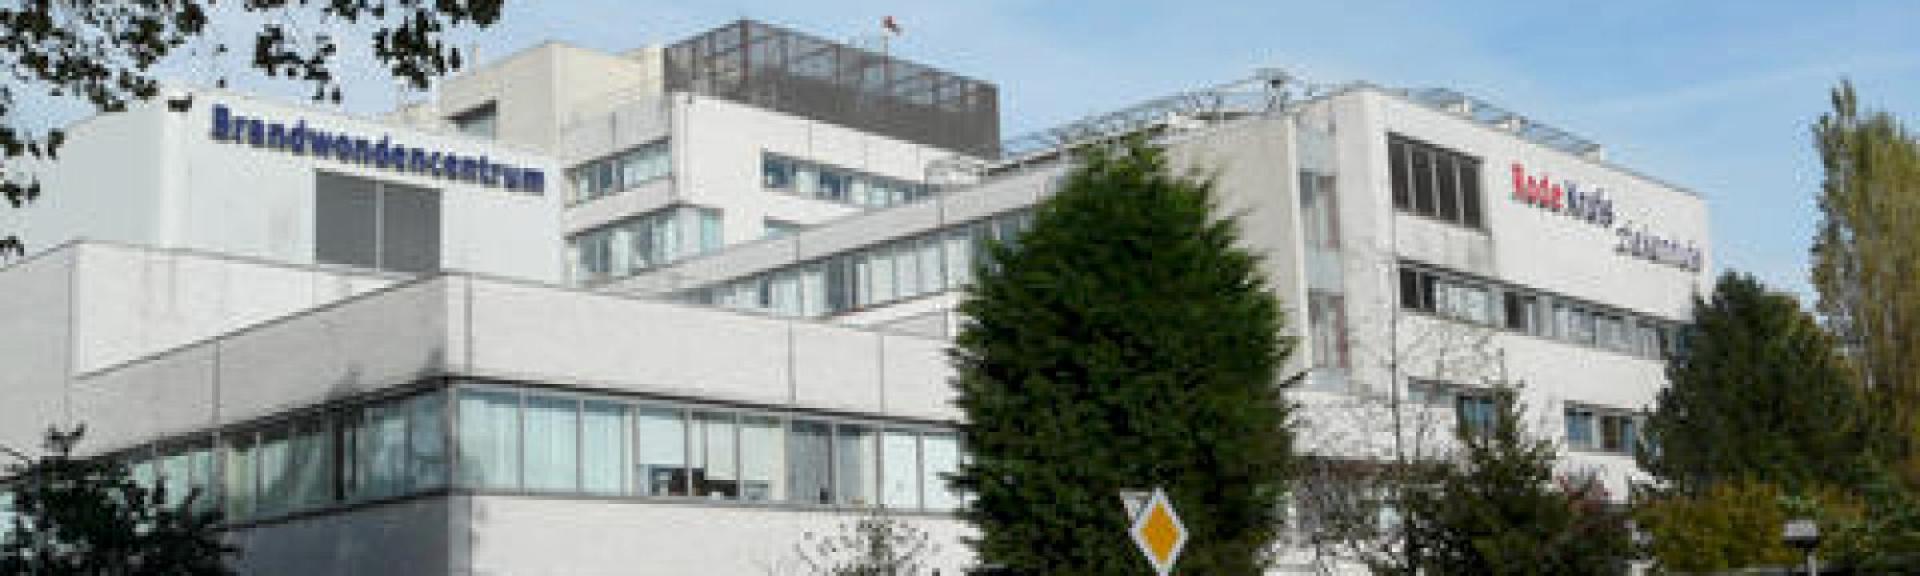 Rode Kruis Ziekenhuis En Brandwondencentrum Beverwijk Zeer